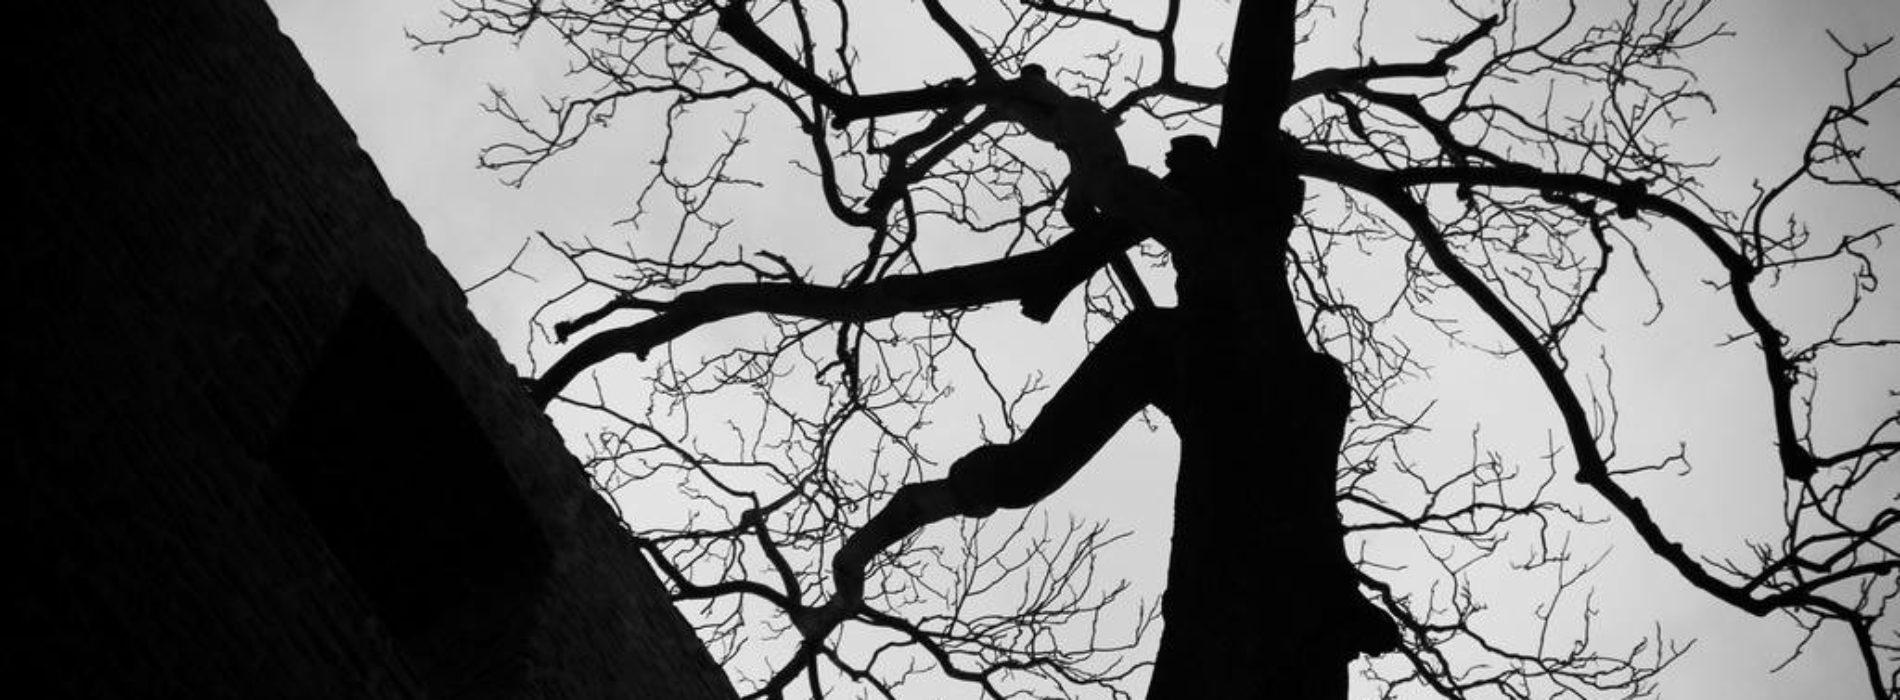 La donna albero: un caso sconvolgente